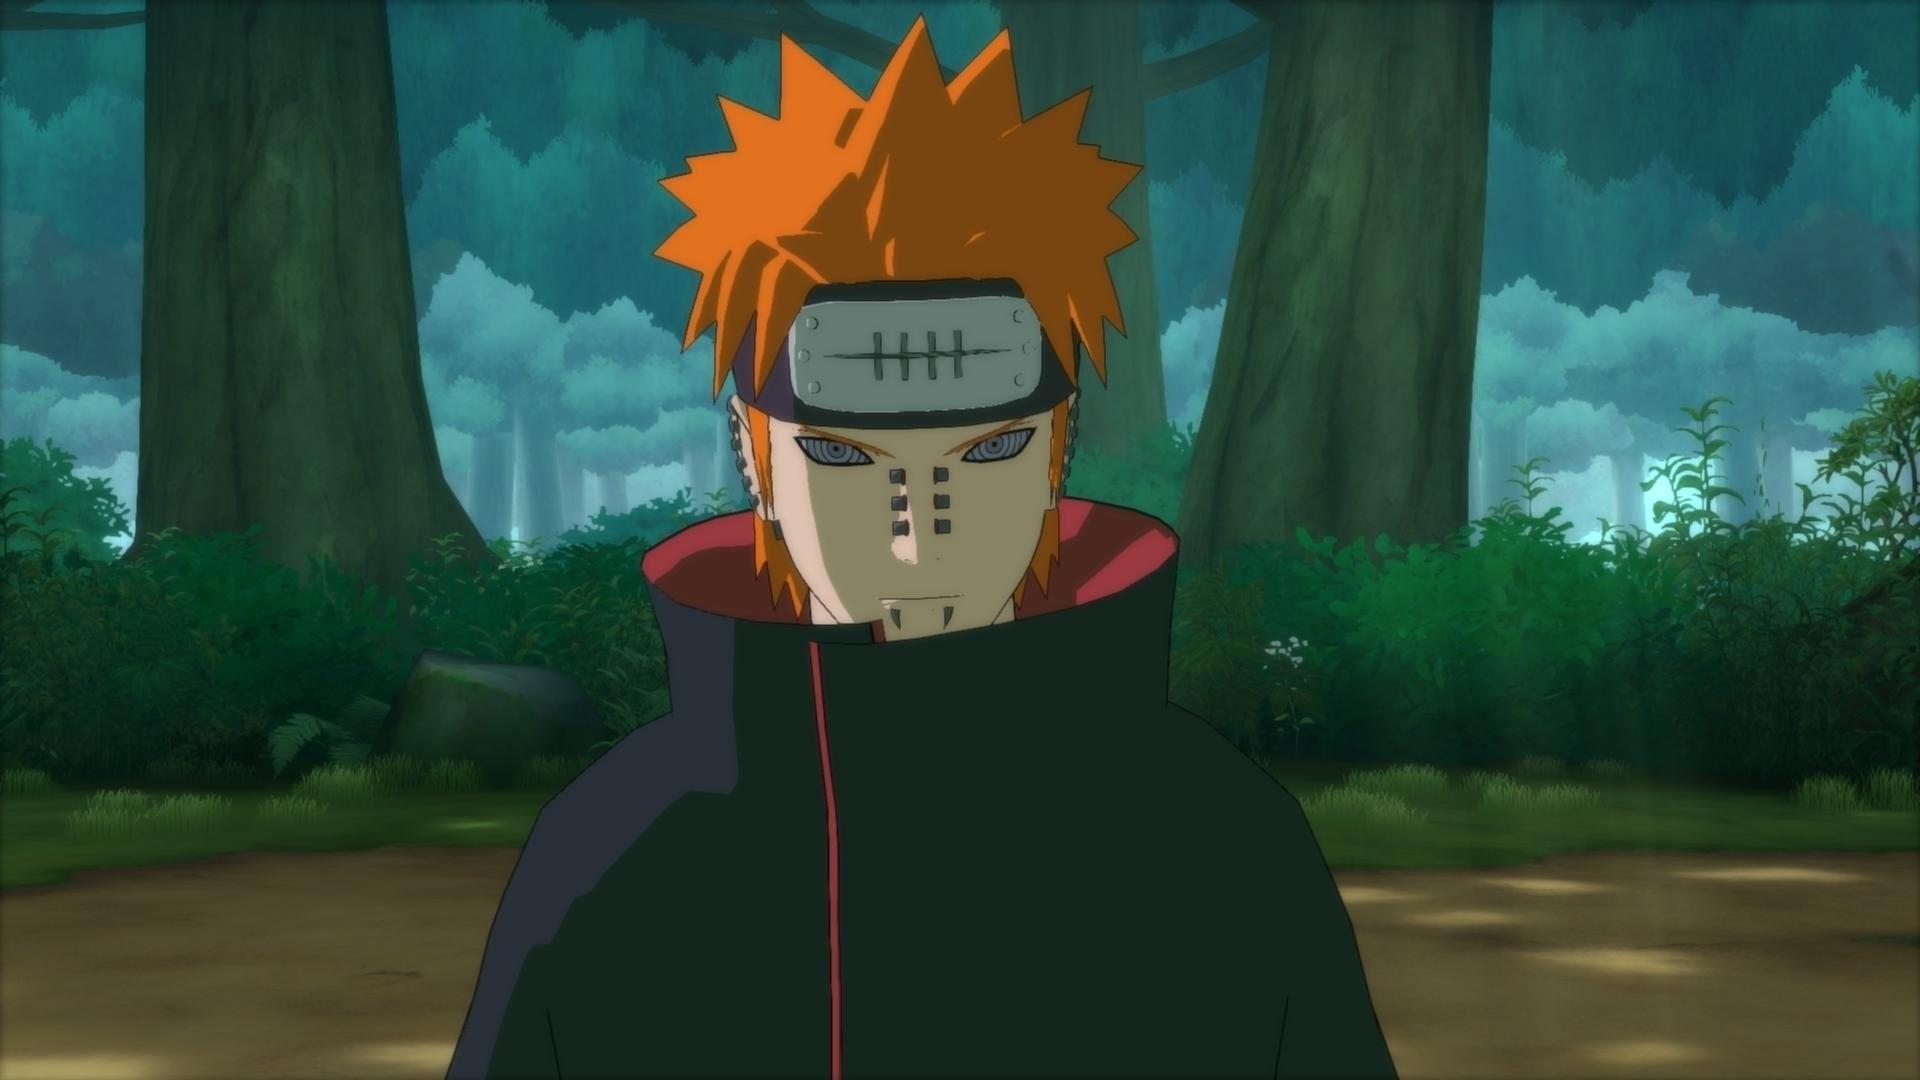 Sasori Wallpaper Hd Pain Naruto Wallpaper 66 Images